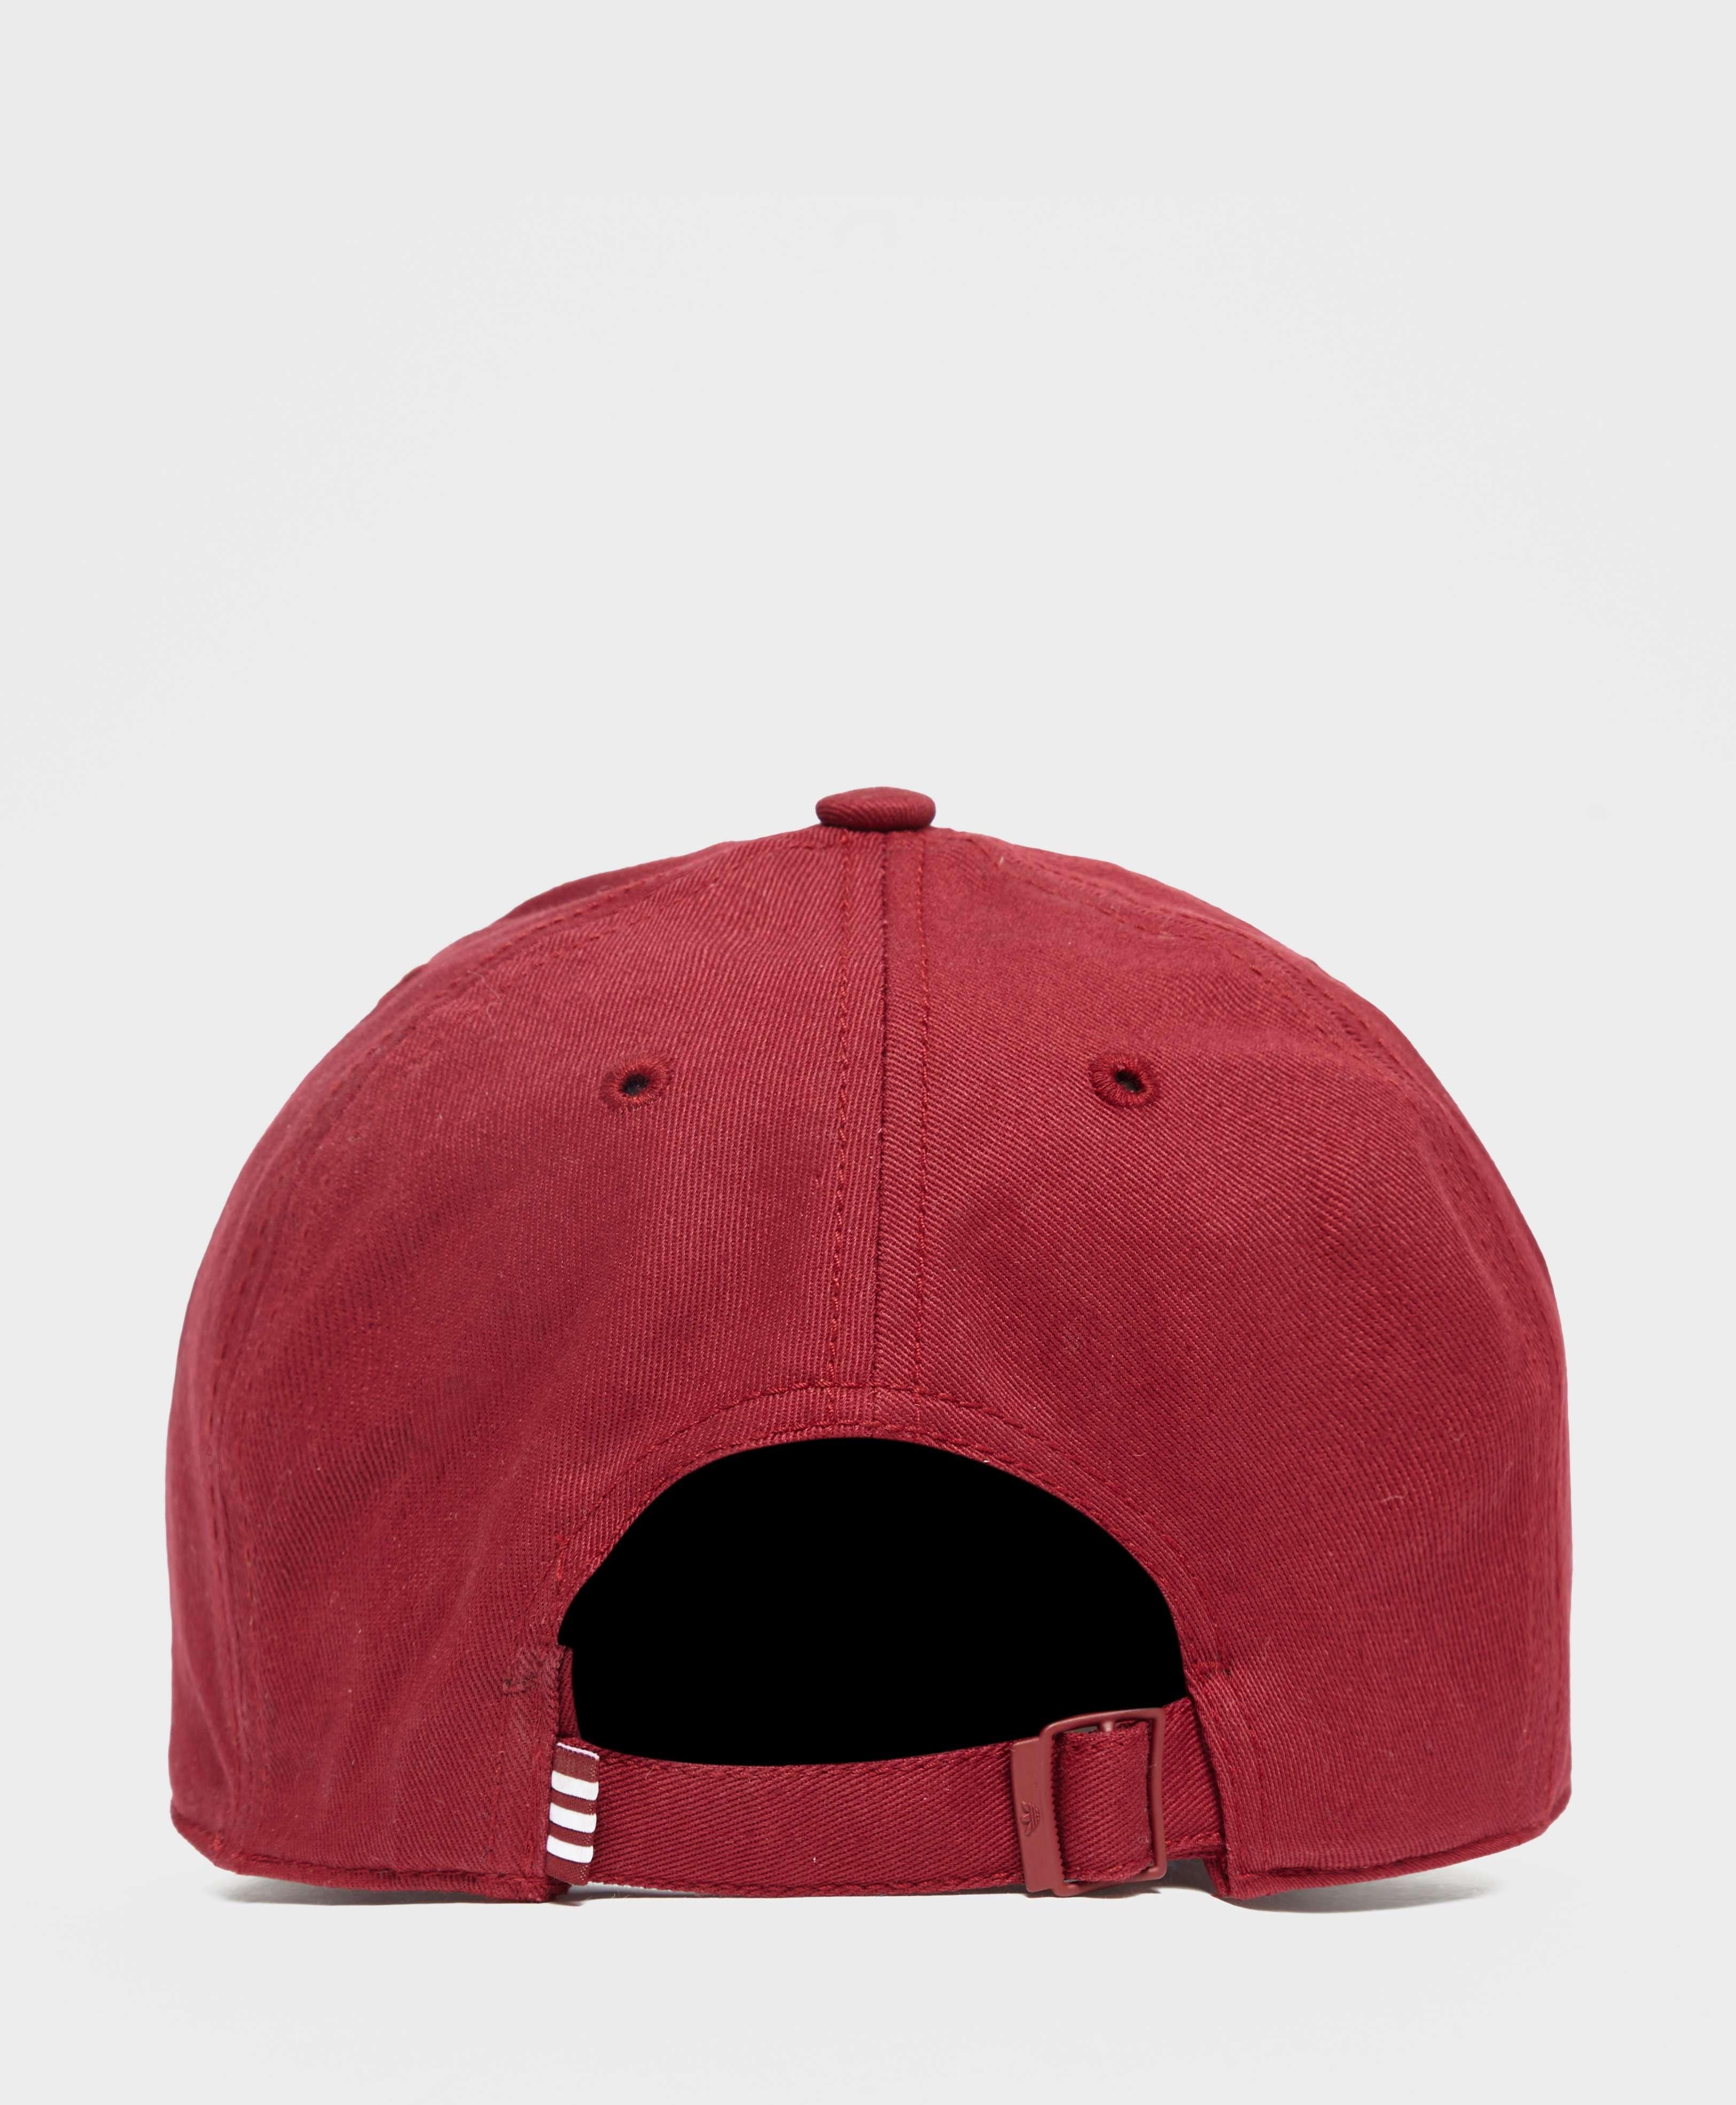 adidas Originals Trefoil Curved Cap